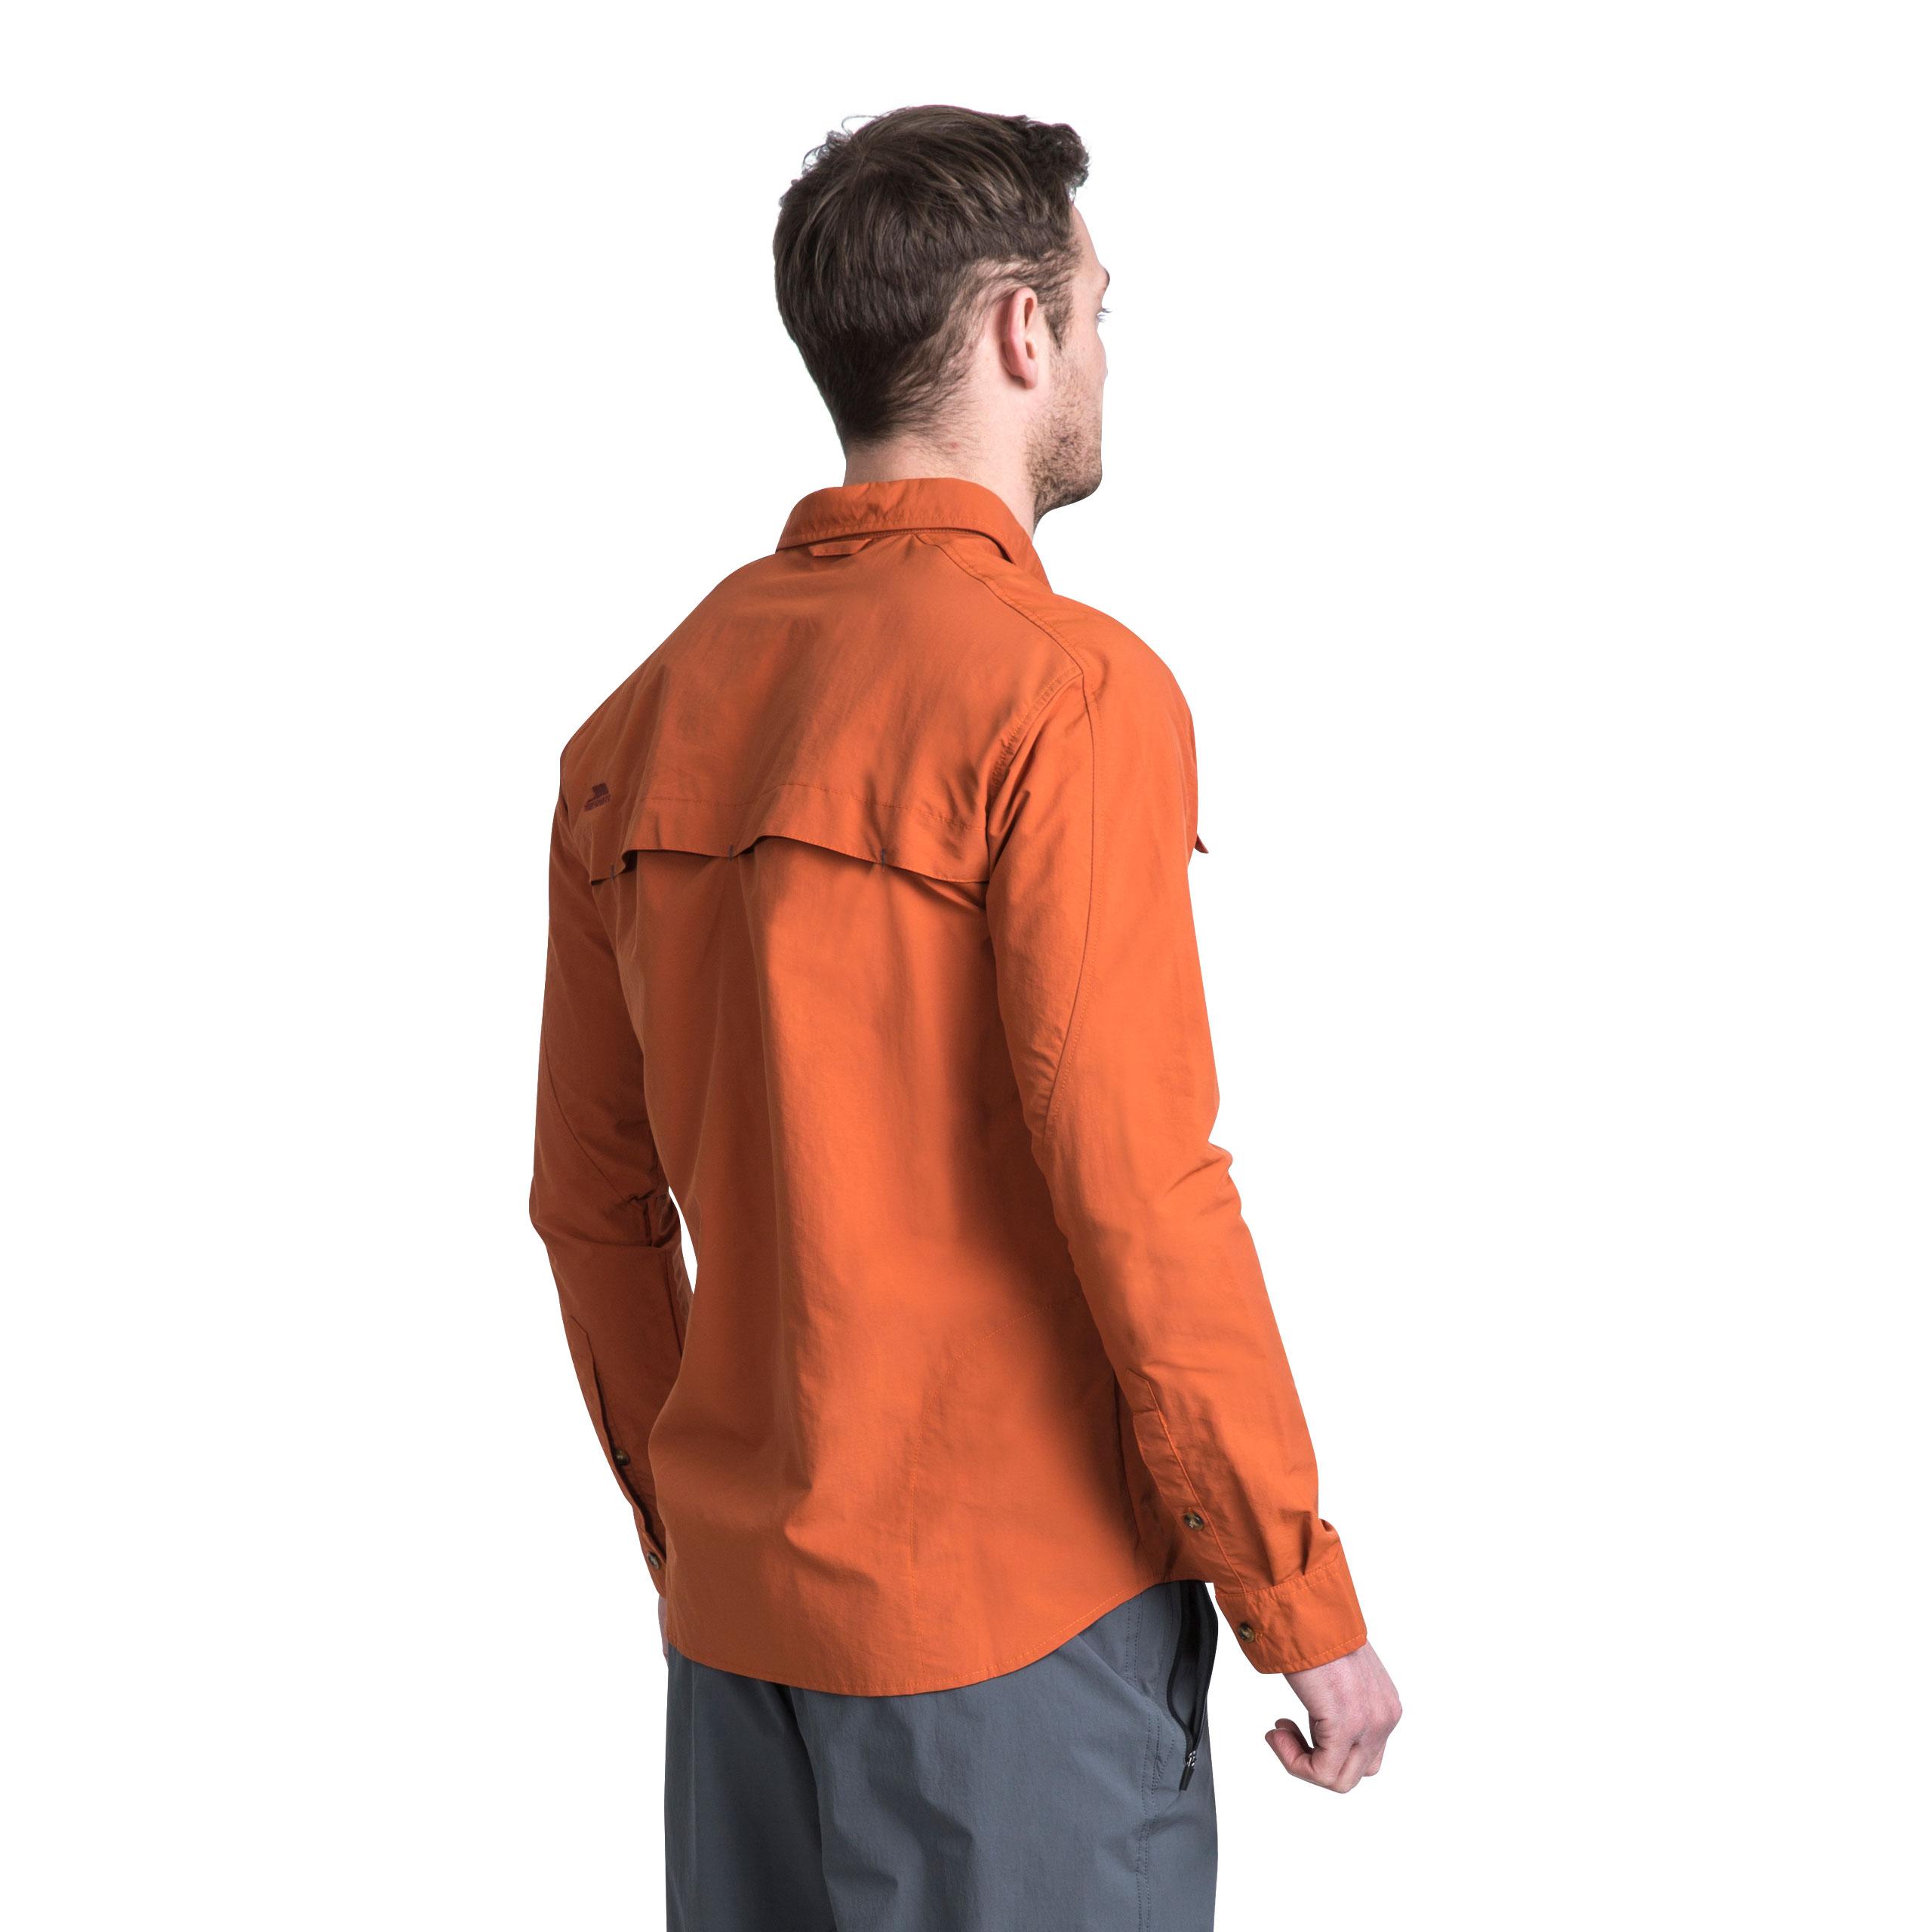 Trespass-Darnet-Camisa-Para-Hombre-Repelente-de-Mosquitos-Pesca-Camping-Jersey-de-manga-larga miniatura 14